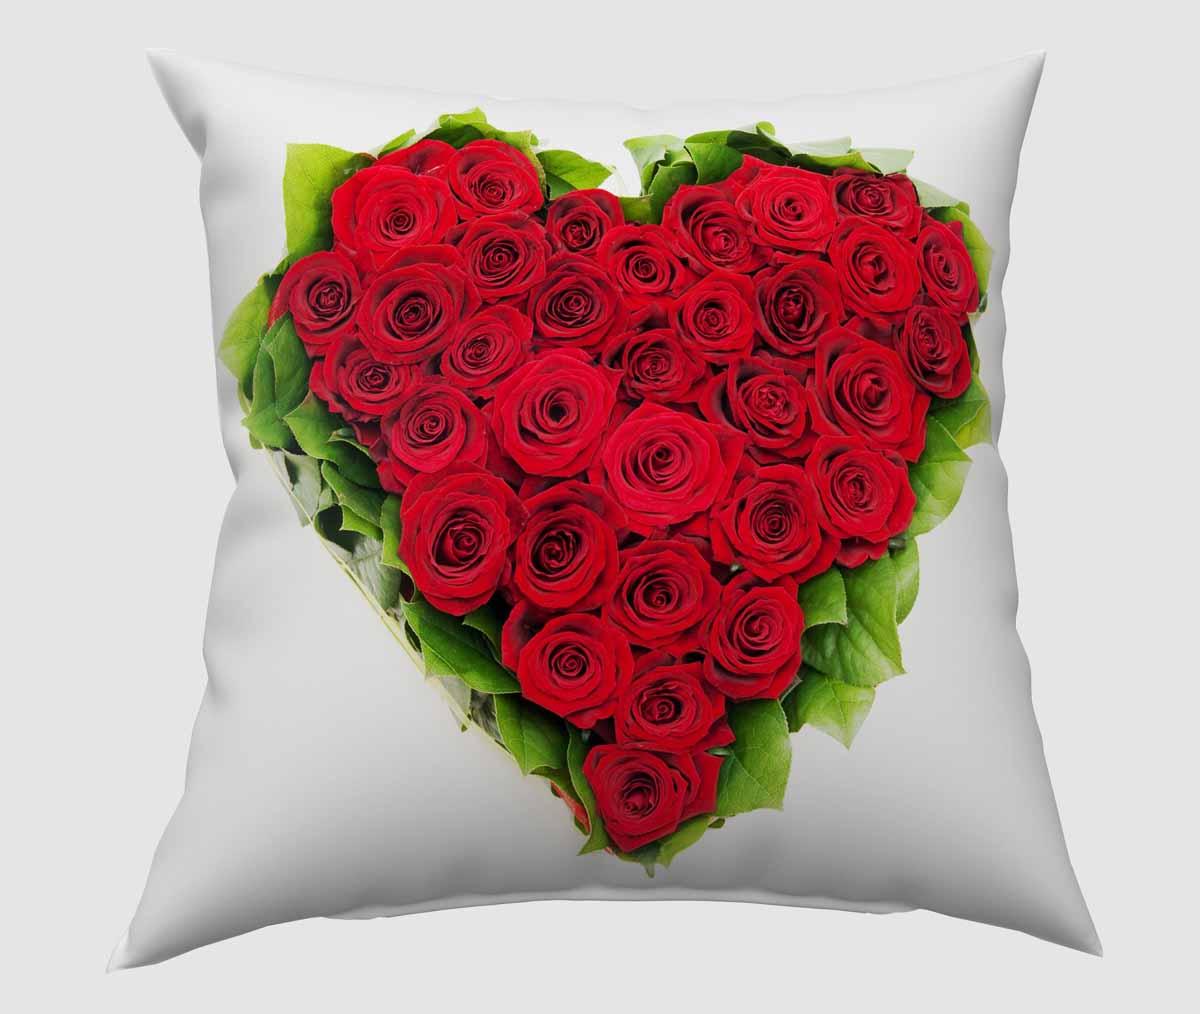 Подушка декоративная Сирень Букет - сердце, 40 х 40 смS03301004Декоративная подушка Сирень Букет - сердце, изготовленная из габардина (100% полиэстер), прекрасно дополнит интерьер спальни или гостиной. Подушка оформлена красочным изображением. Внутри - мягкий наполнитель из холлофайбера (100% полиэстер). Красивая подушка создаст атмосферу тепла и уюта в спальне и станет прекрасным элементом декора.